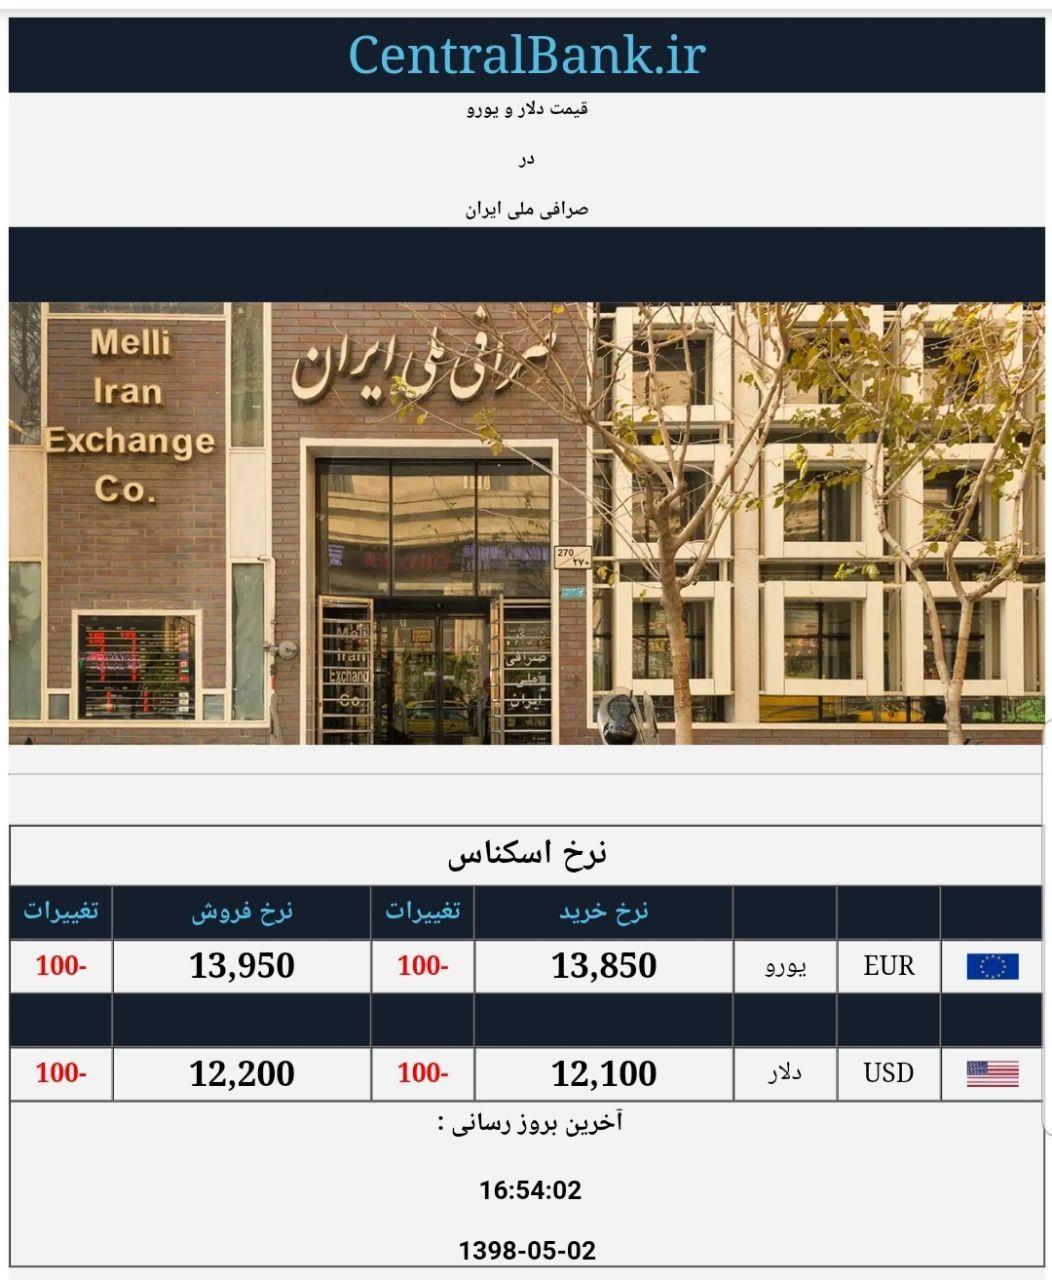 قیمت دلار و یورو در صرافی ملی امروز ۱۳۹۸/۰۵/۰۲  دلار در آستانه سقوط به کانال ۱۱ هزارتومان